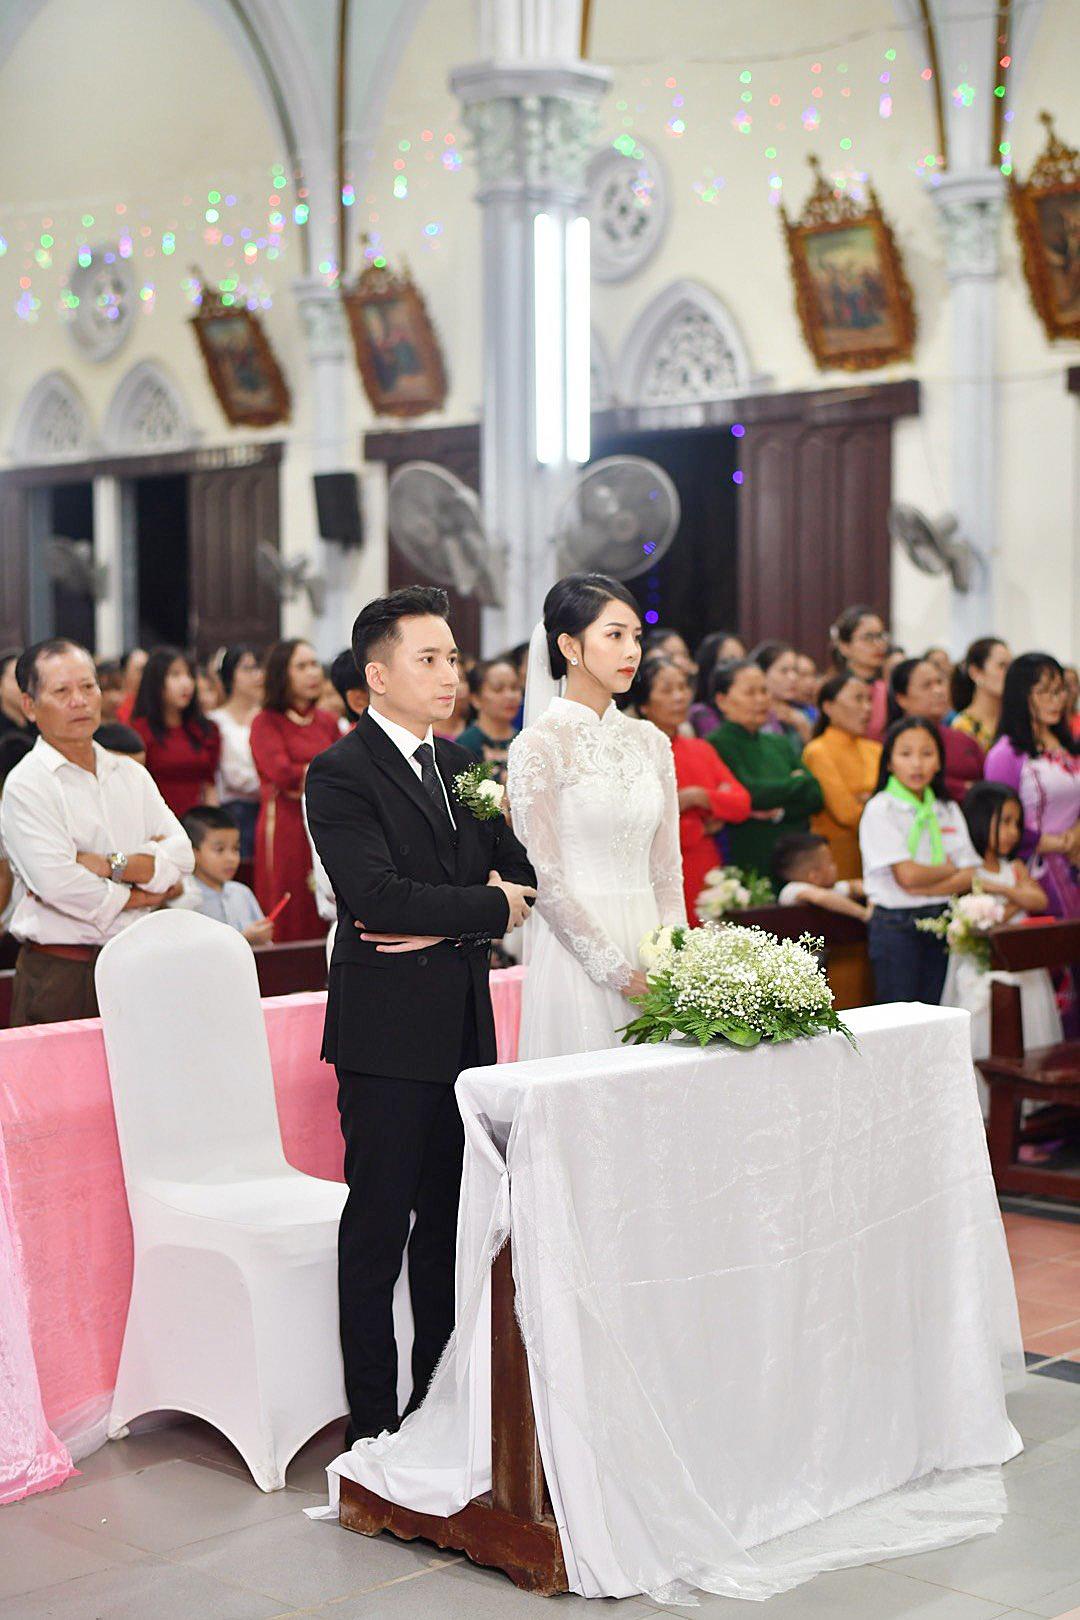 Bóc áo dài cưới của vợ Phan Mạnh Quỳnh: Đính tới 8000 viên đá swarovski đắt tiền, đai corset làm nổi vòng 2 siêu thực của cô dâu - Ảnh 4.